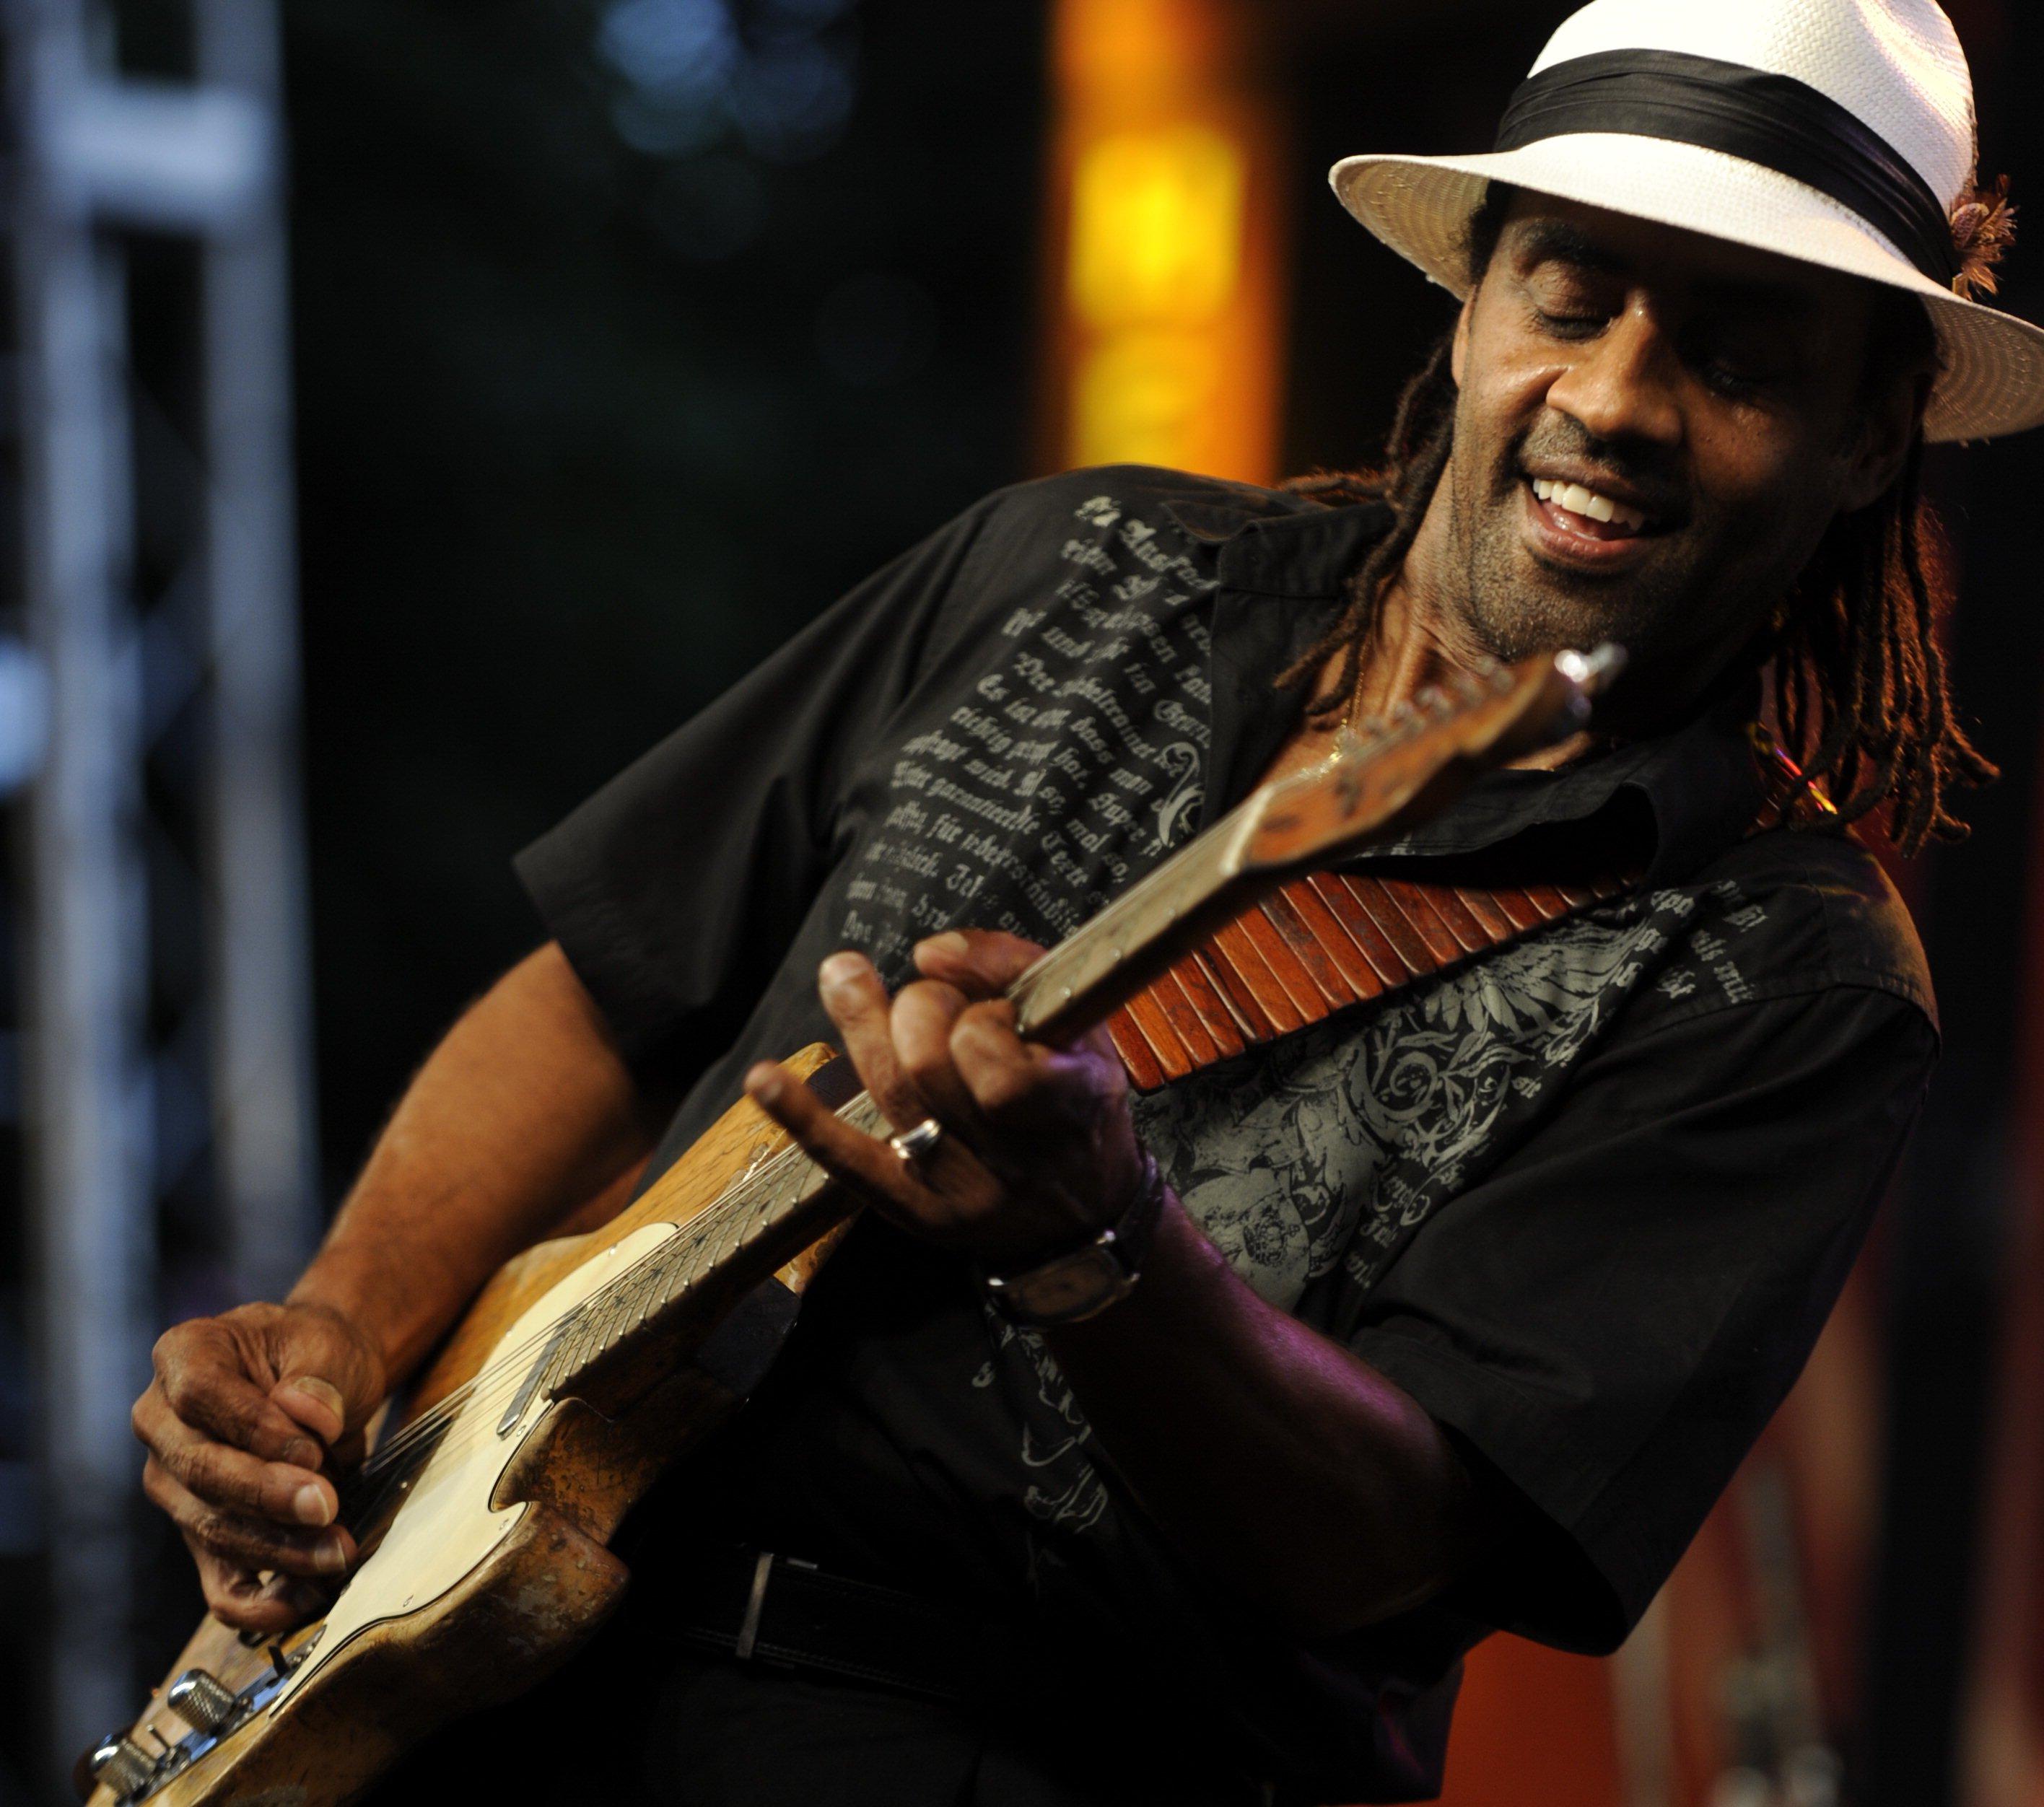 Kenny Neal en el W.C. Handy Blues & Barbecue Festival de 2010. Foto: Steve Shaffer / Kentucky Educational Television